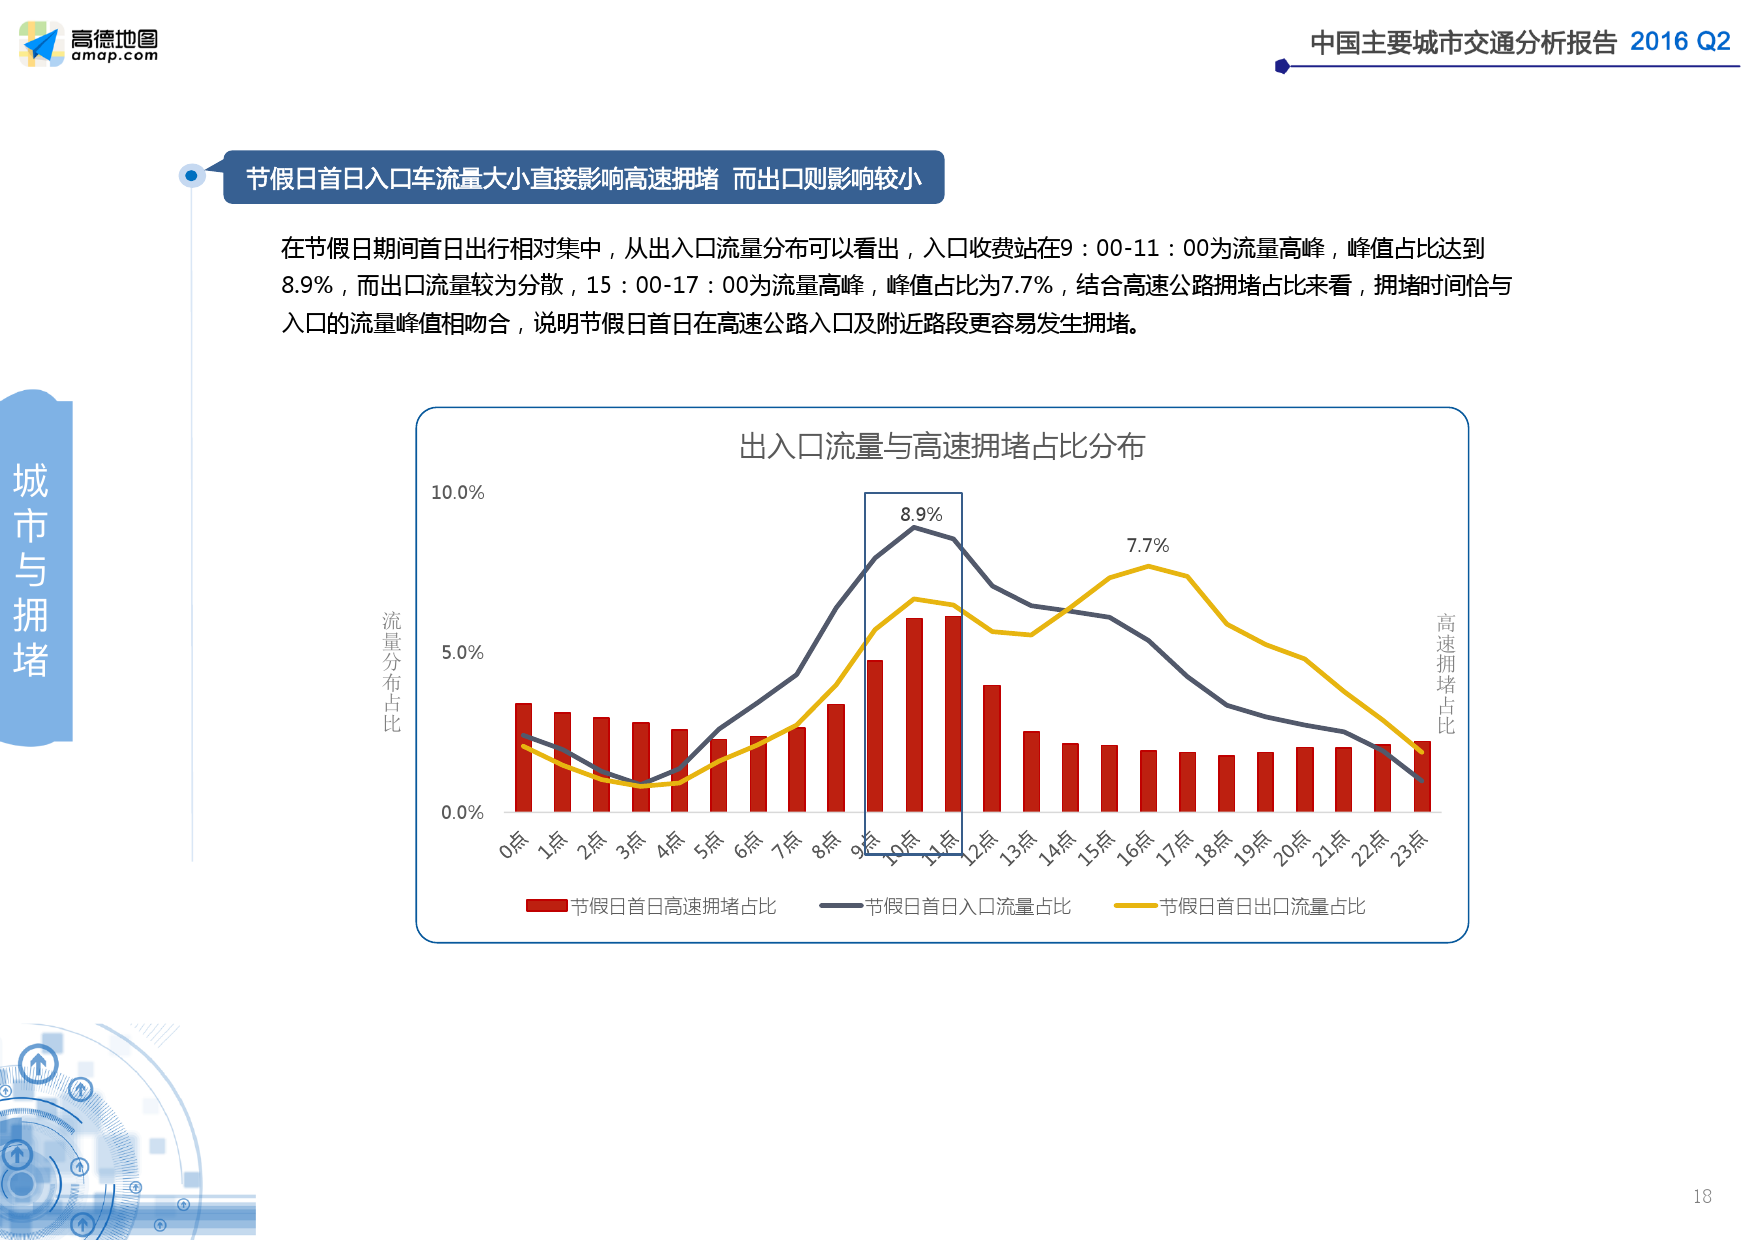 2016年Q2中国主要城市交通分析报告_000018